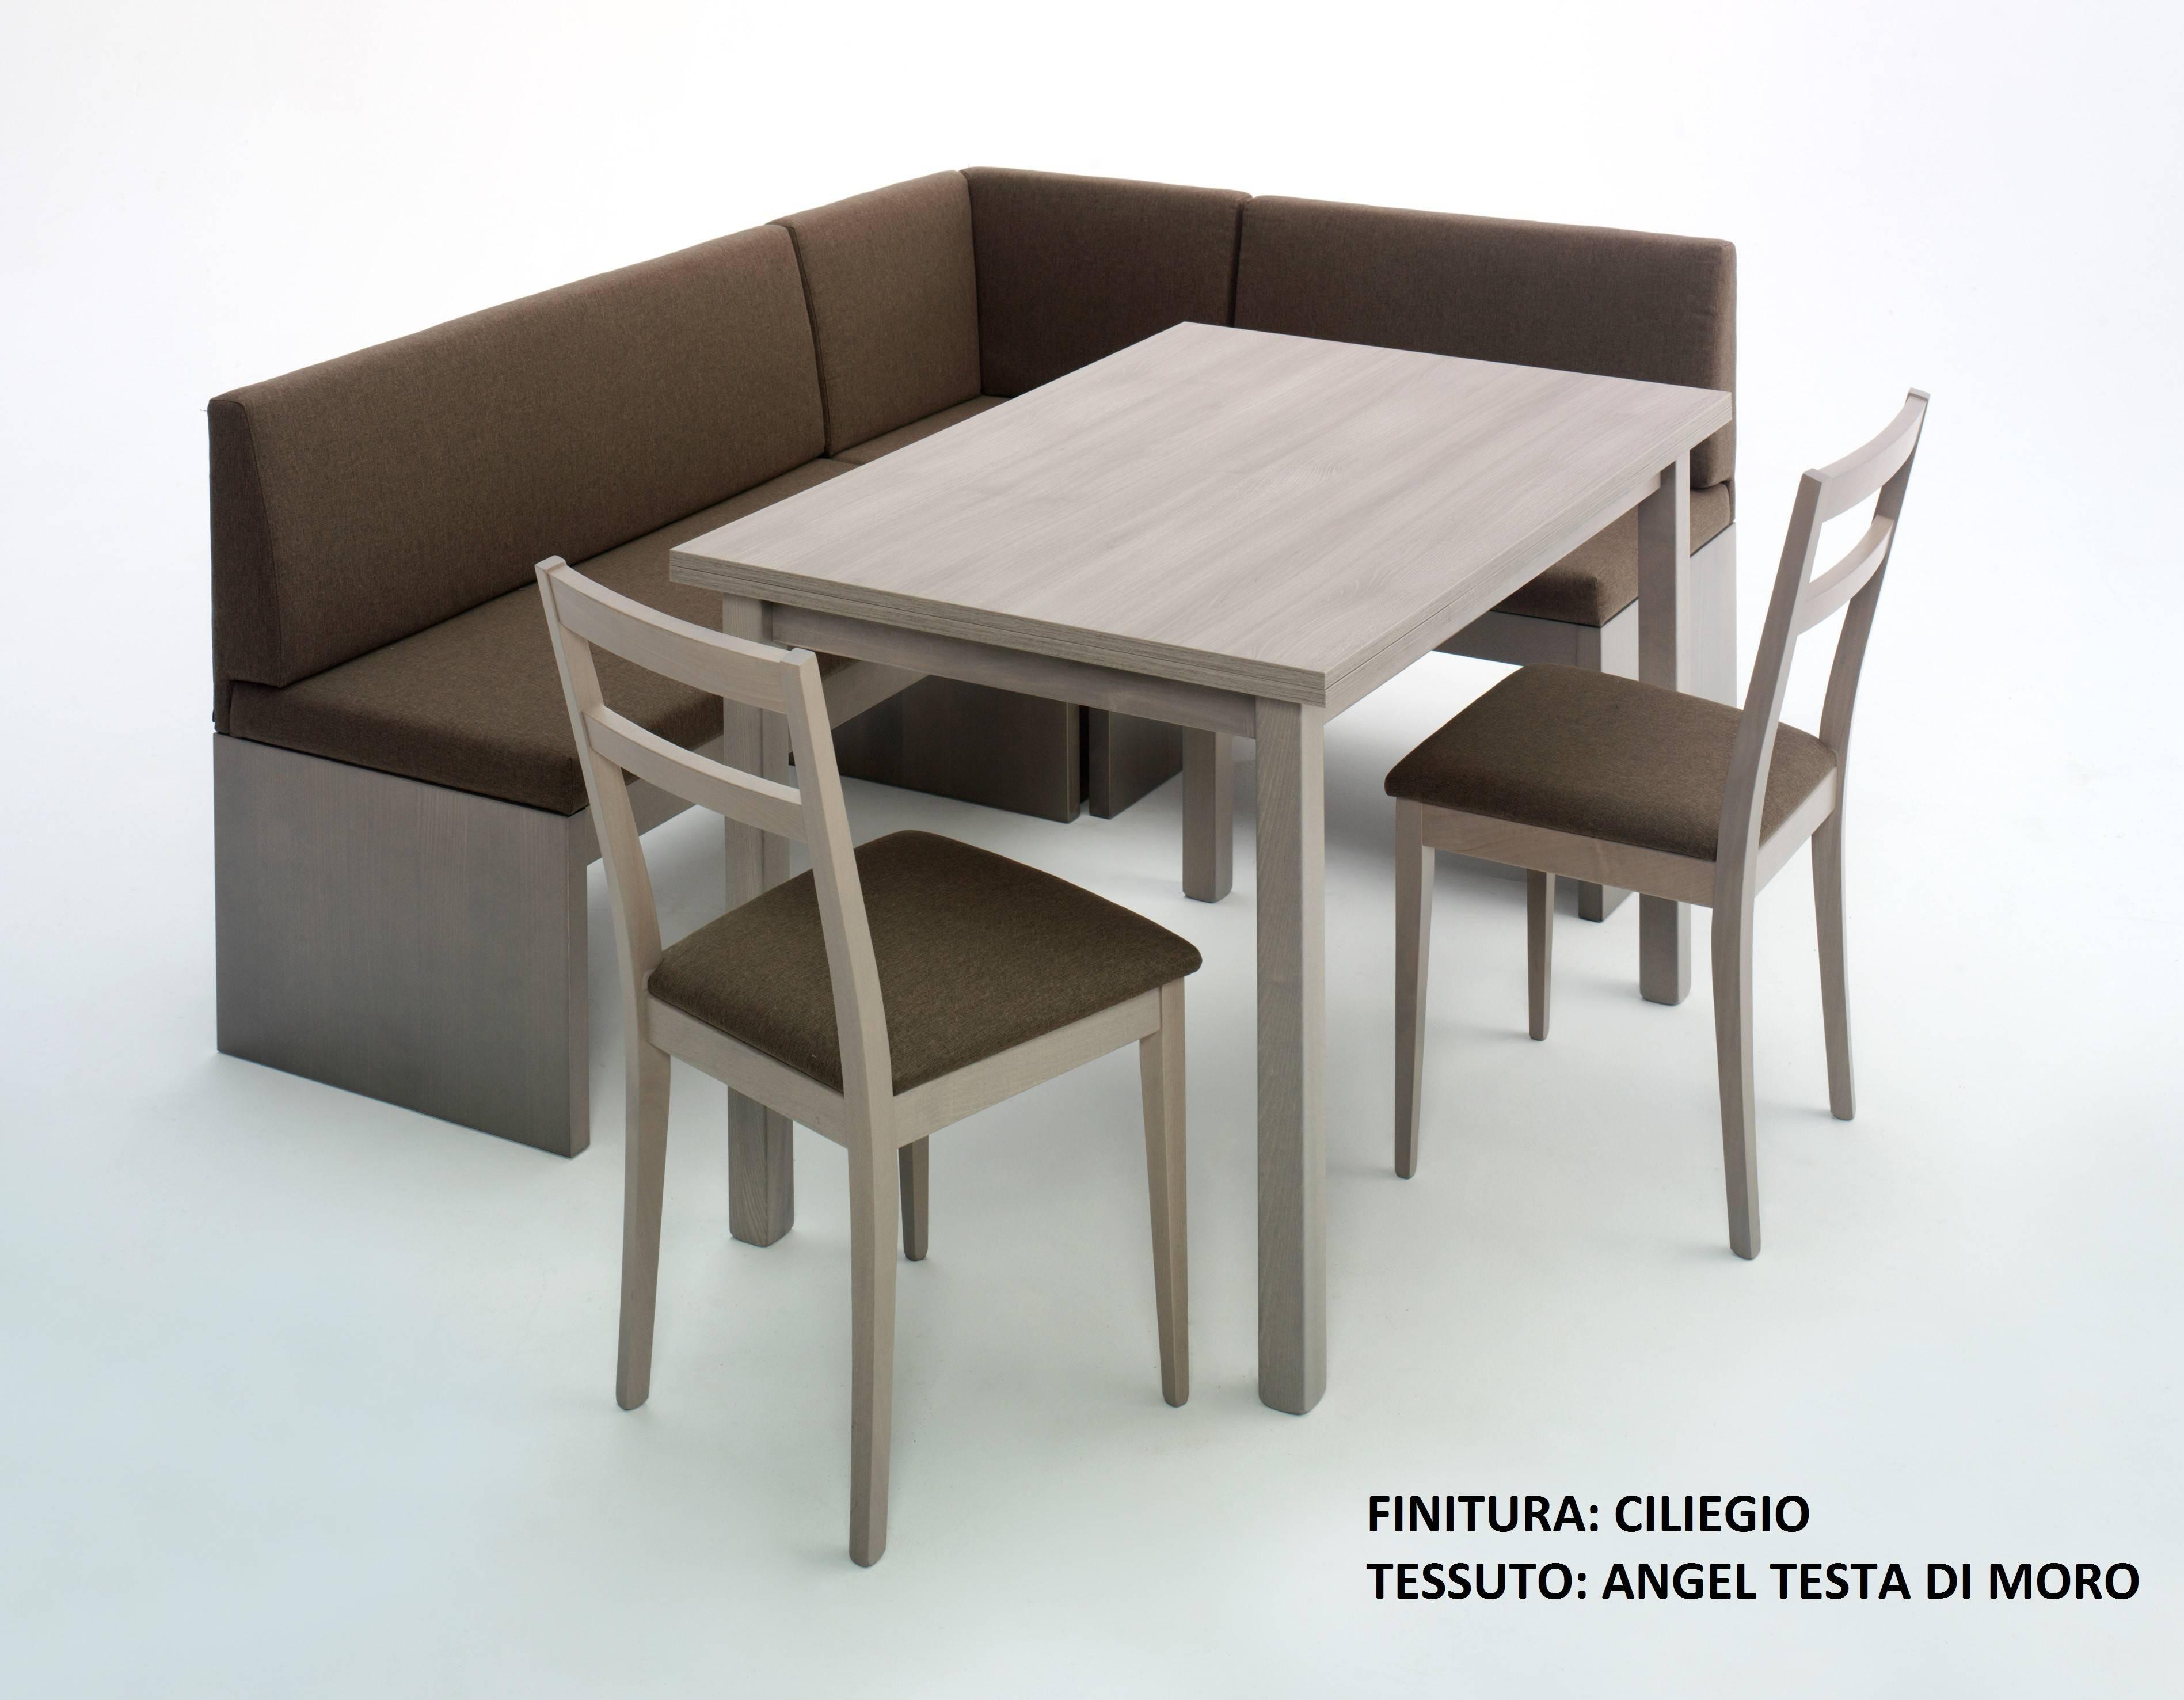 panca-modbibione-angolare-con-tavolo-e-due-sedie-in-legno-finitura-ciliegio.jpg